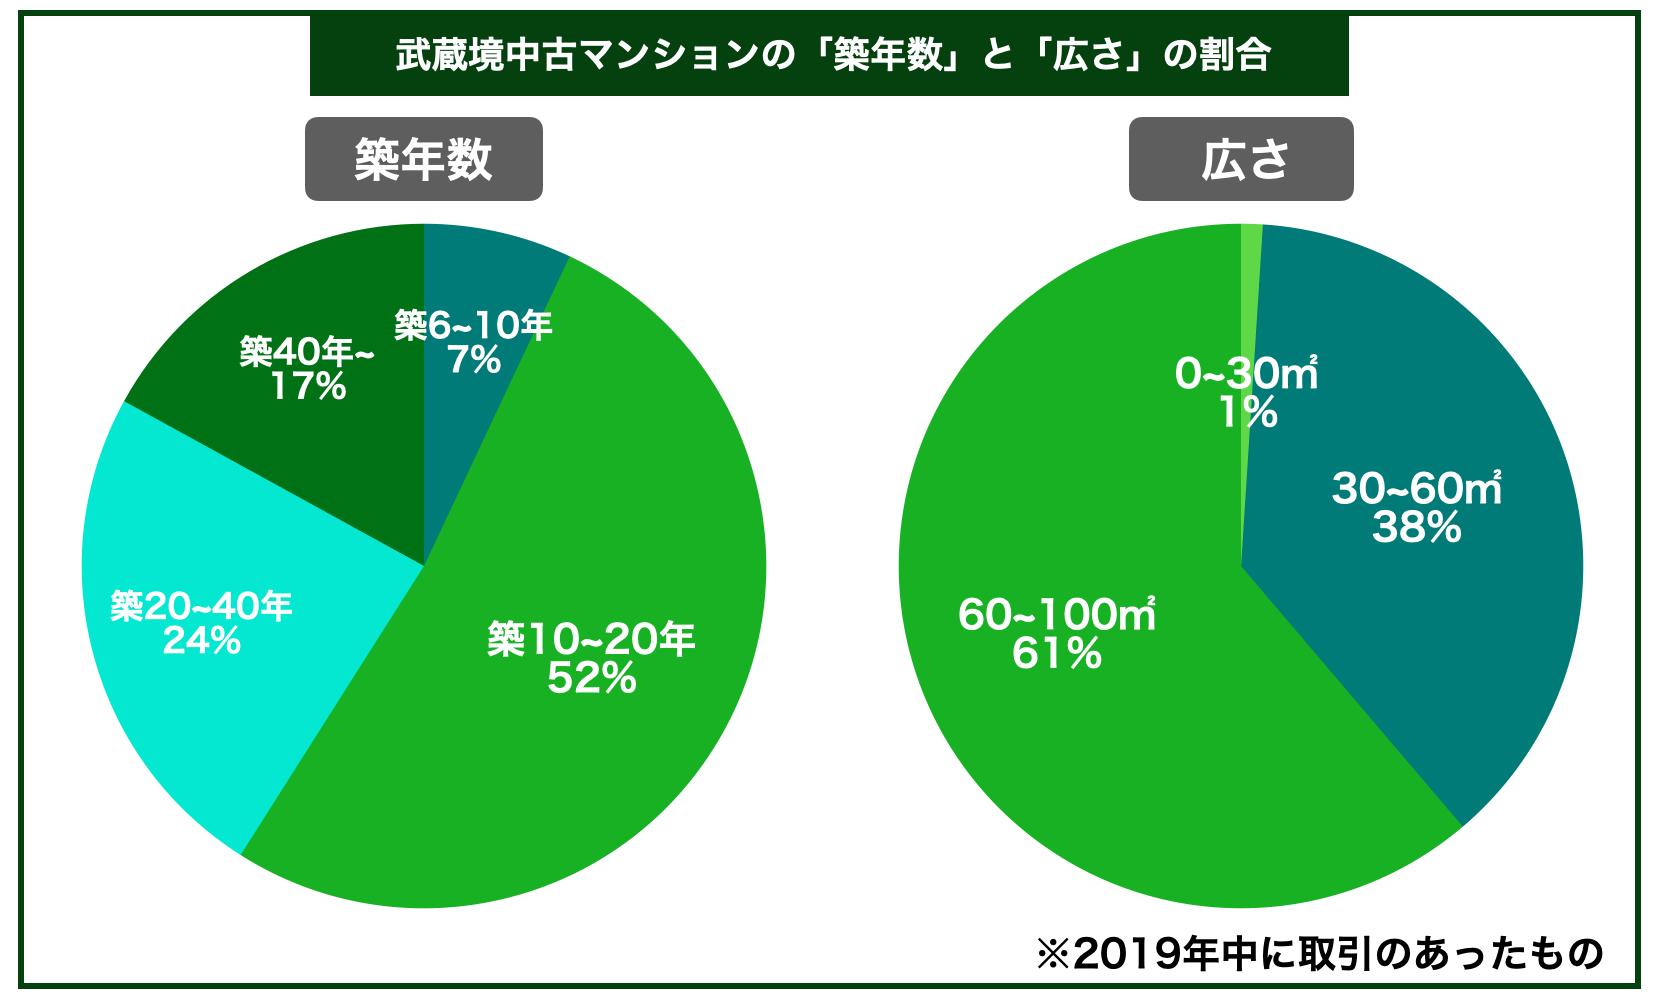 武蔵境中古マンション築年数広さ割合